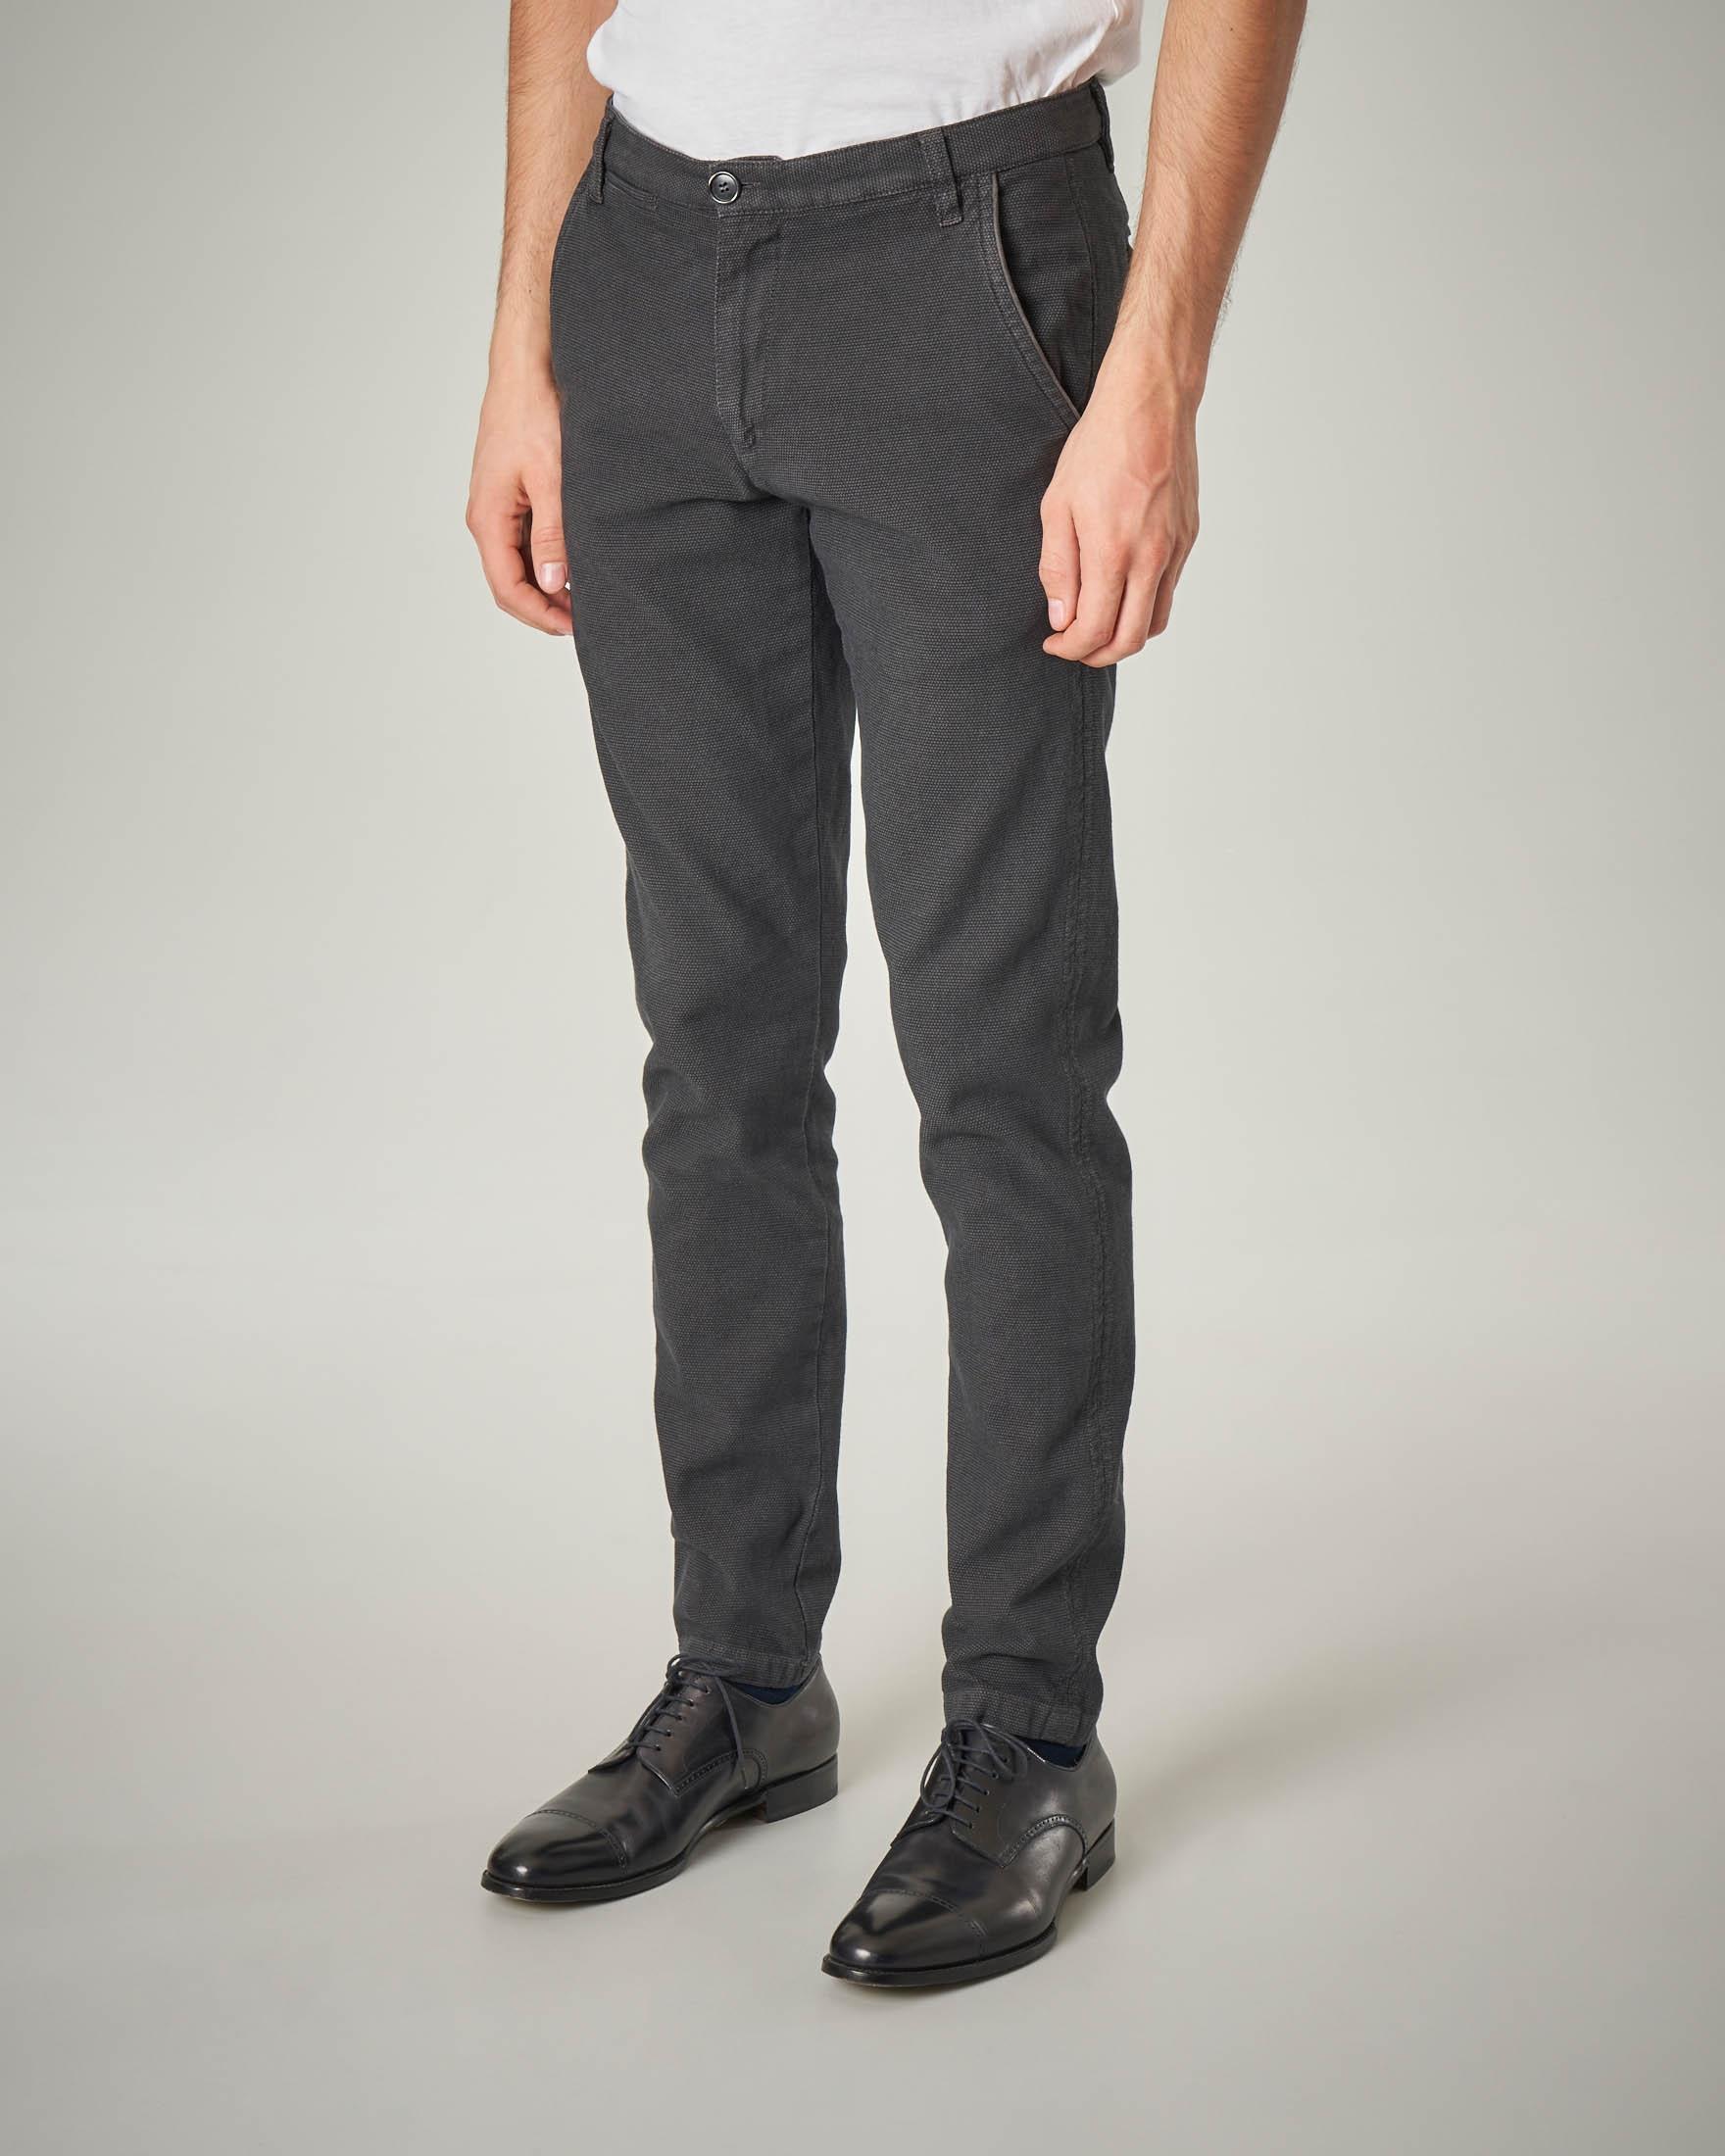 Pantalone chino grigio occhio di pernice